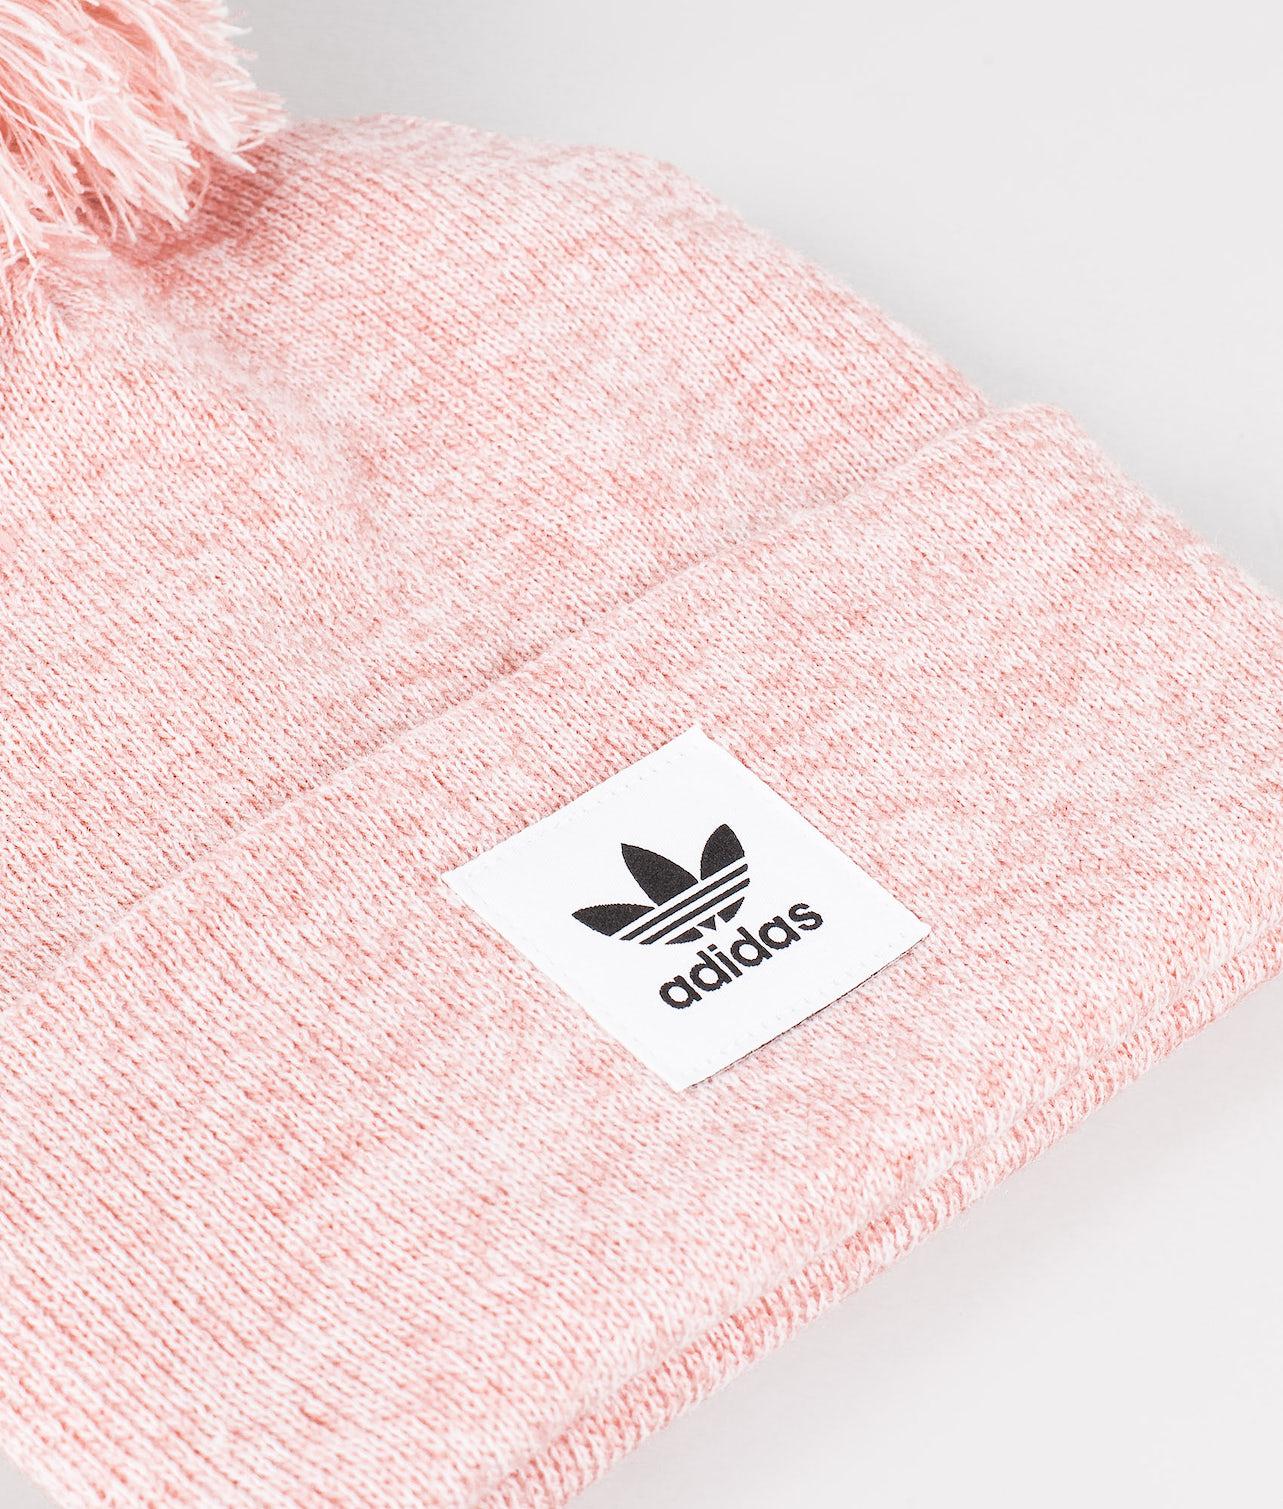 Melange BoBBle | Achète des Bonnet de chez Adidas Originals sur Ridestore.fr | Bien-sûr, les frais de ports sont offerts et les retours gratuits pendant 30 jours !